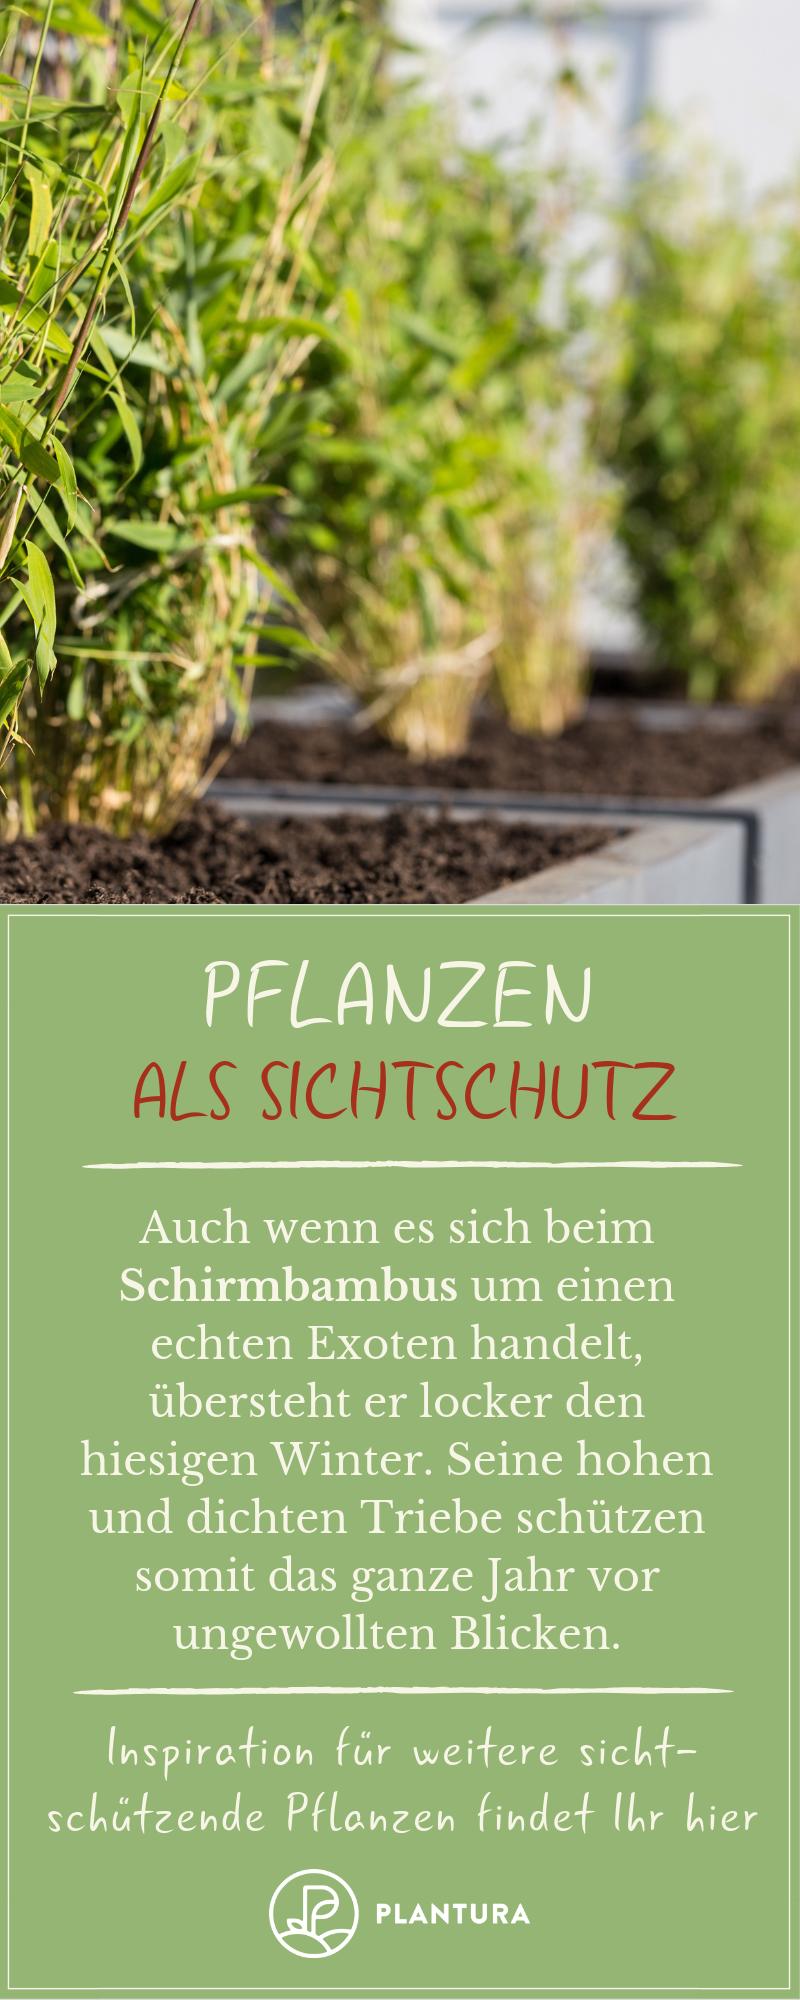 Pflanzen als Sichtschutz: Unsere Top 15 für Garten & Balkon - Plantura